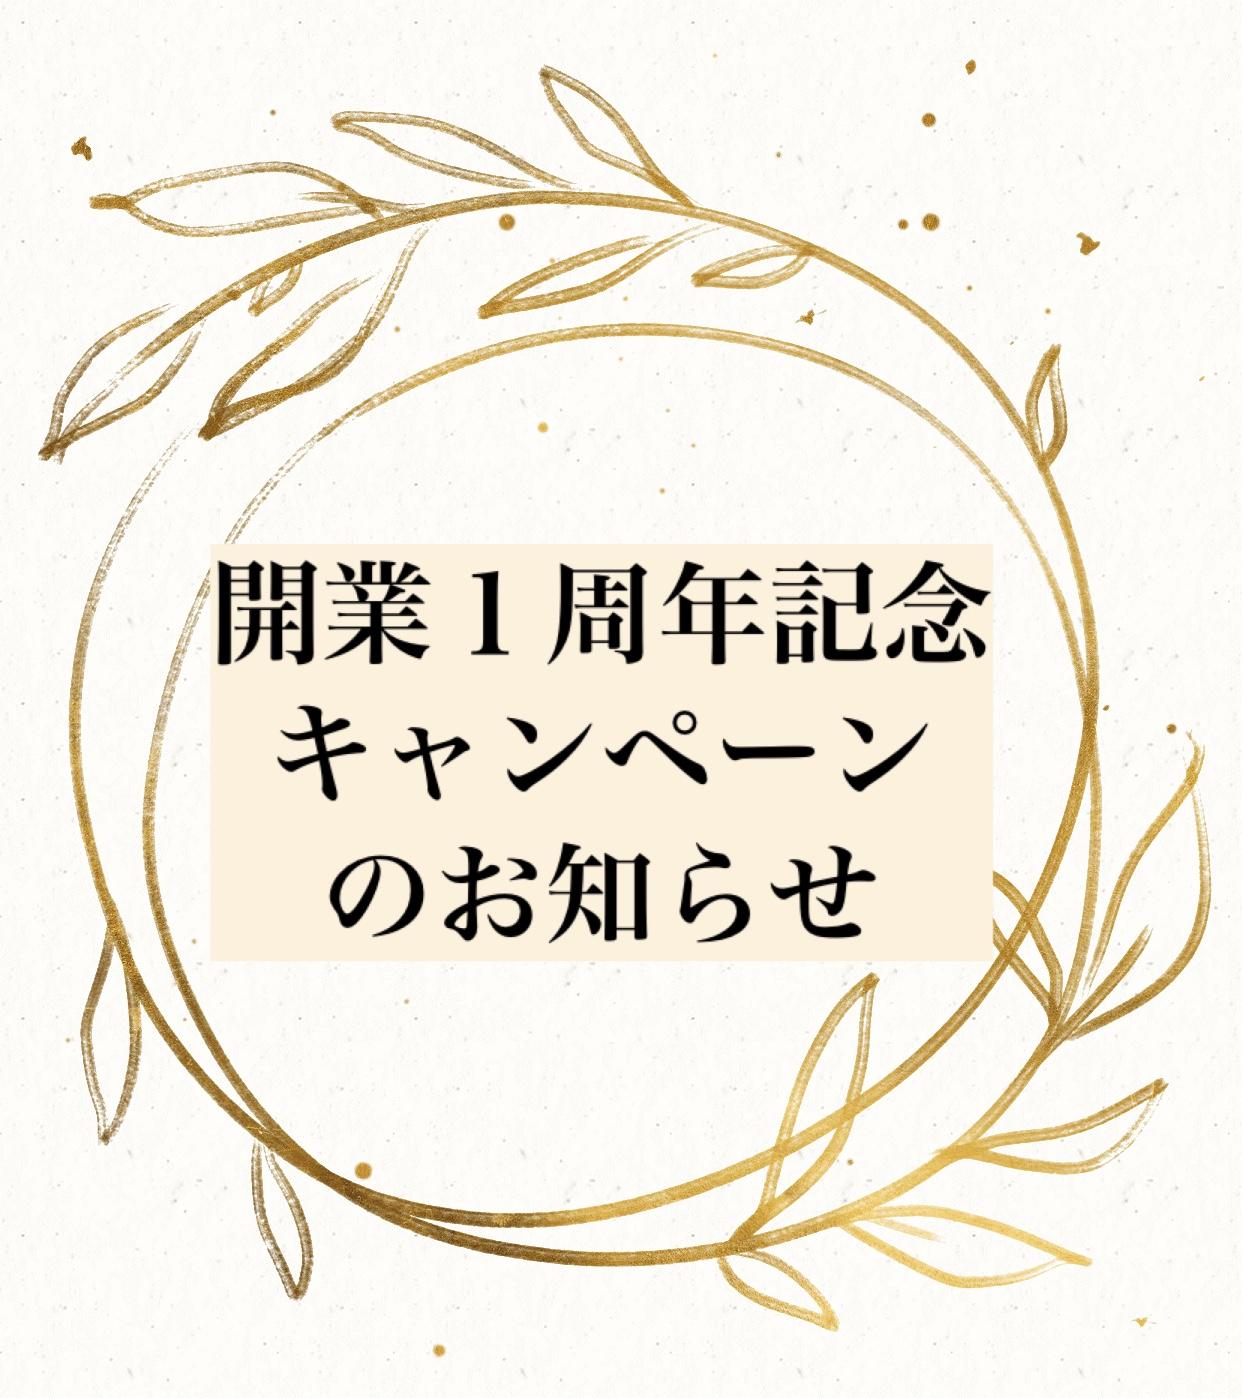 開業1周年記念キャンペーン!